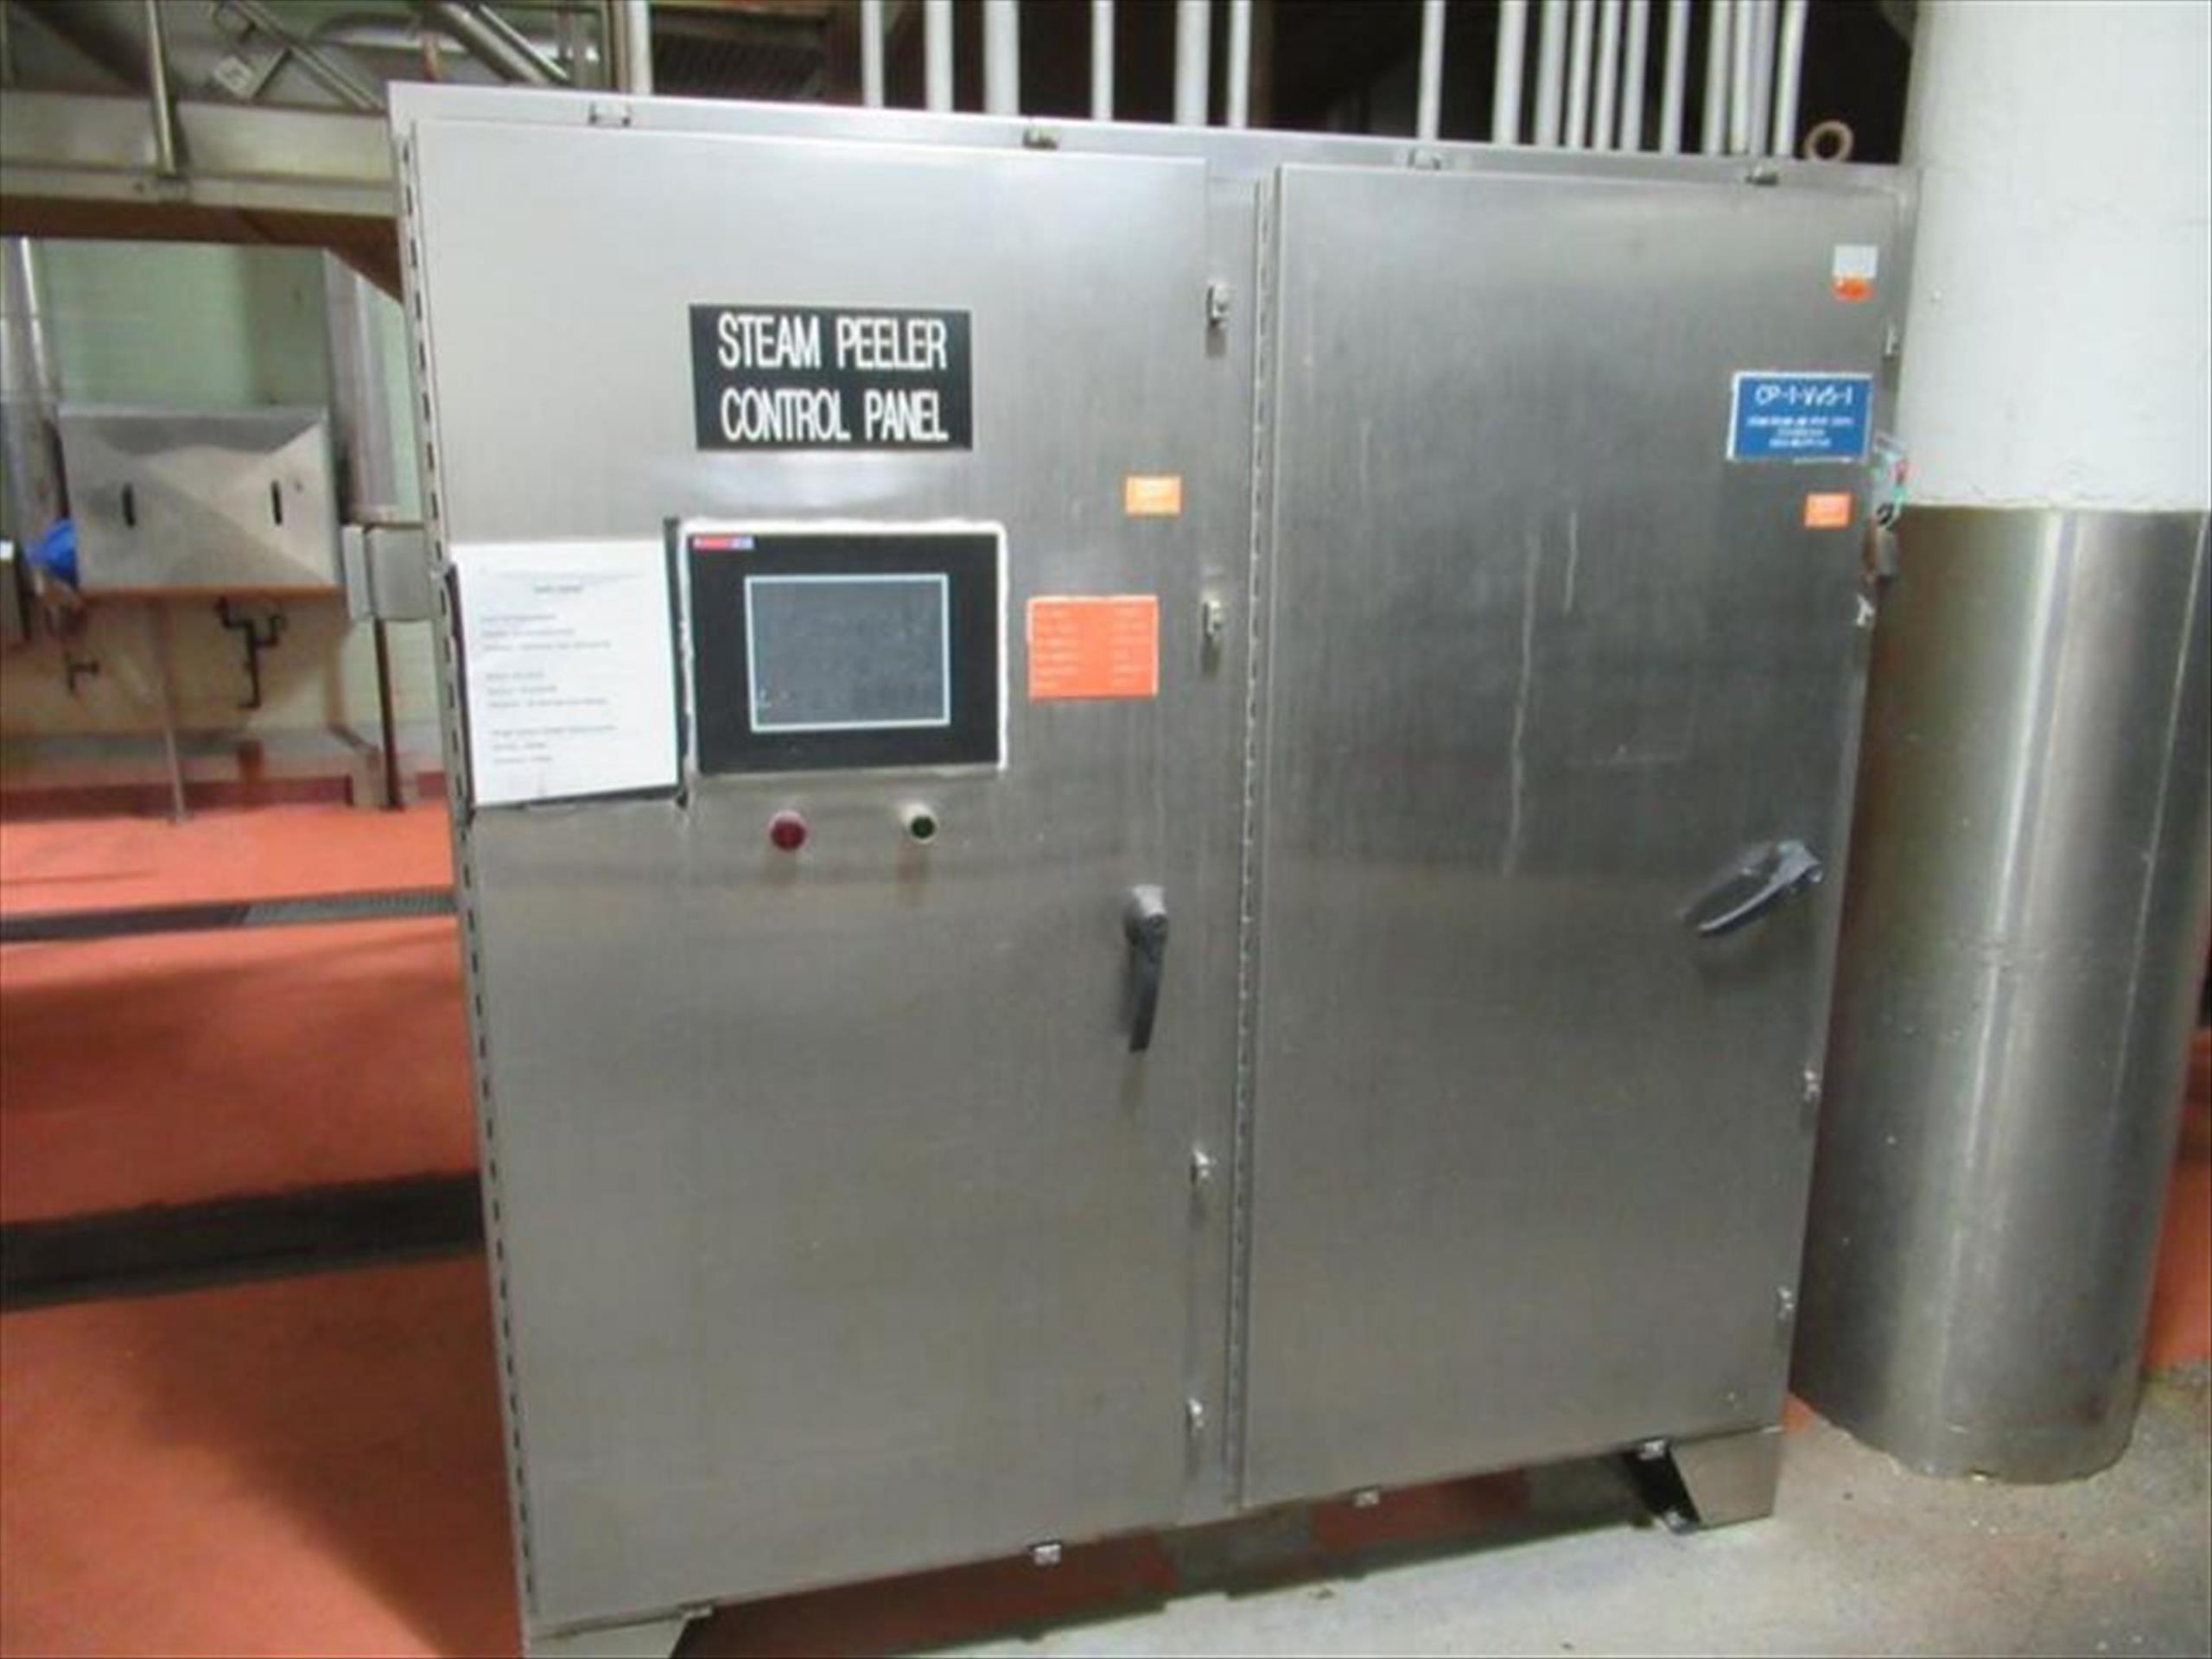 GMF Gouda steam peeler mod. no. Sepa-Strator SRS 500E ser. no. SRS 500-090 complete with rotary - Image 5 of 6